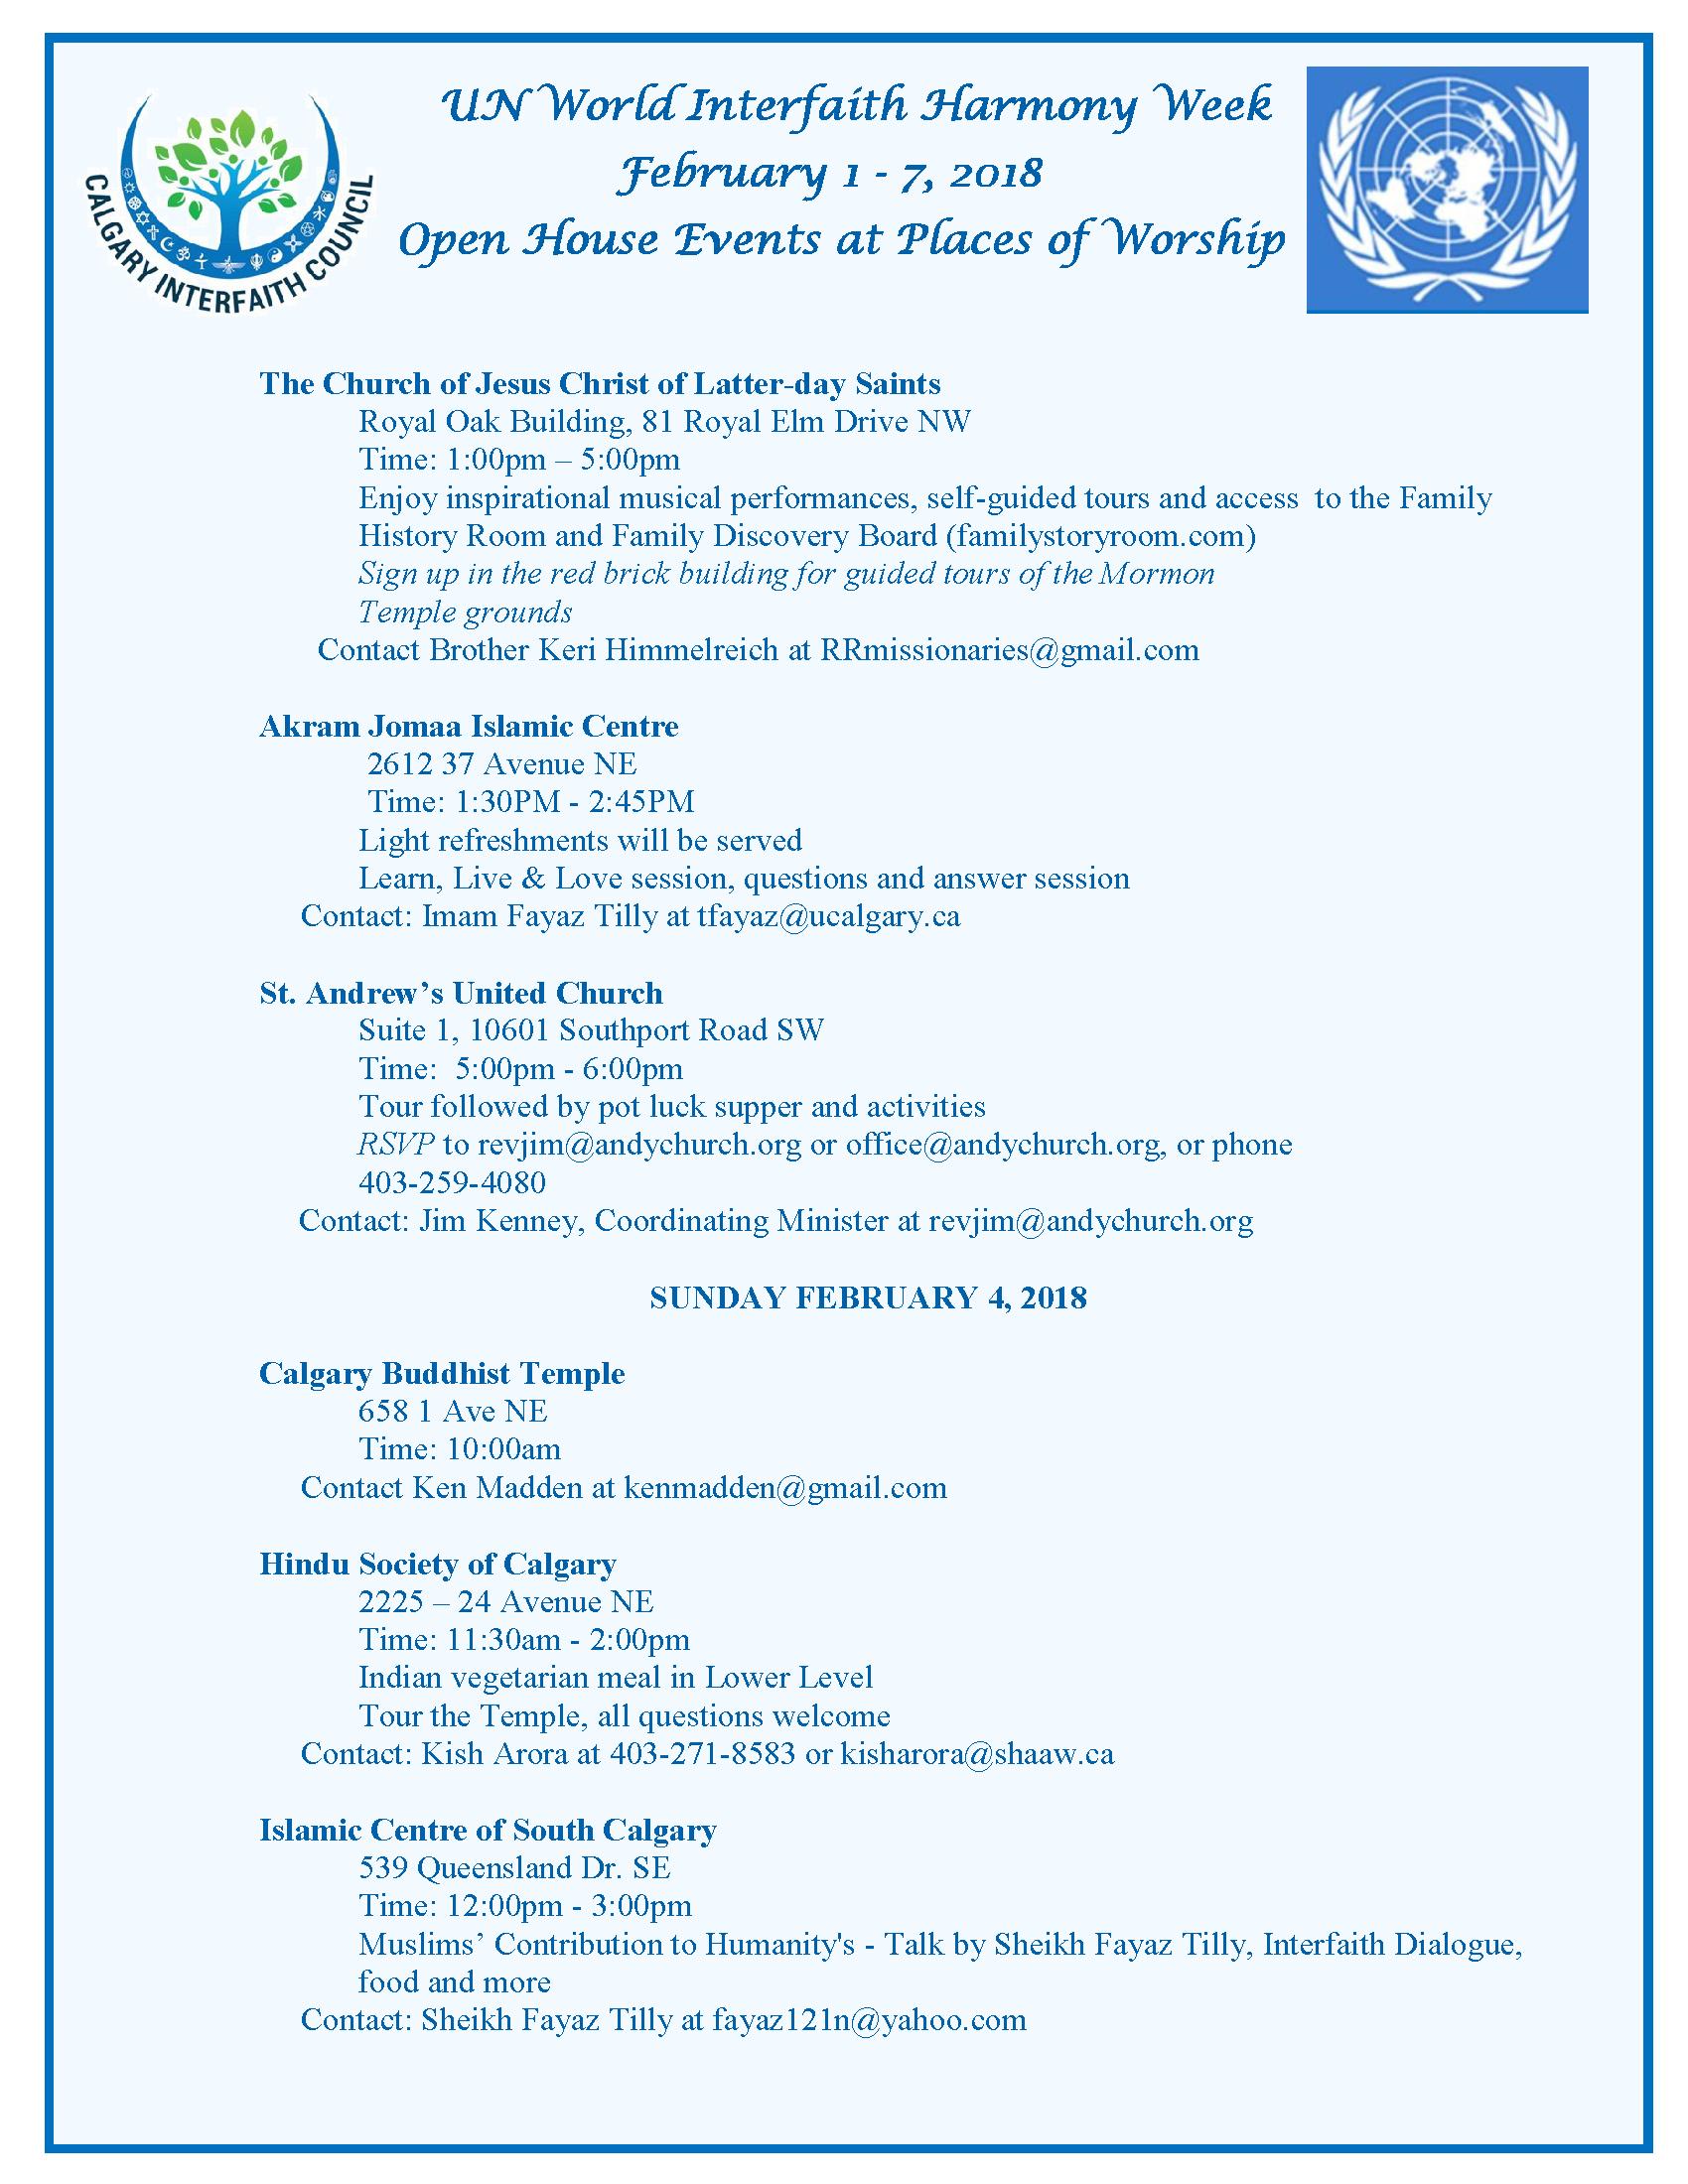 World Interfaith Harmony Week - Calgary Interfaith Council